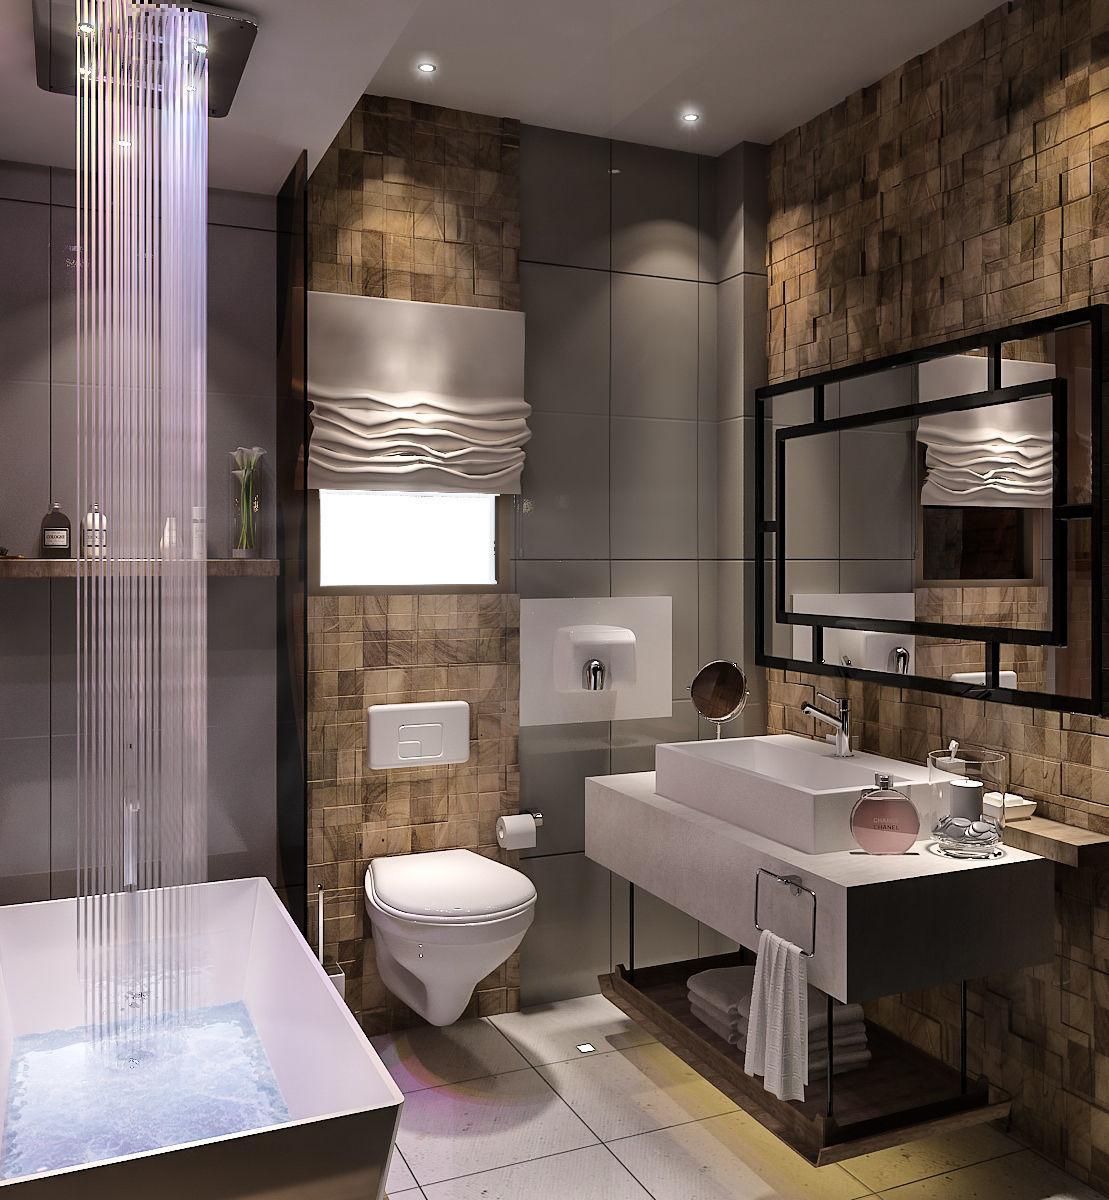 Bathroom Modern desing with stone walls 3D model on Model Bathroom  id=60444